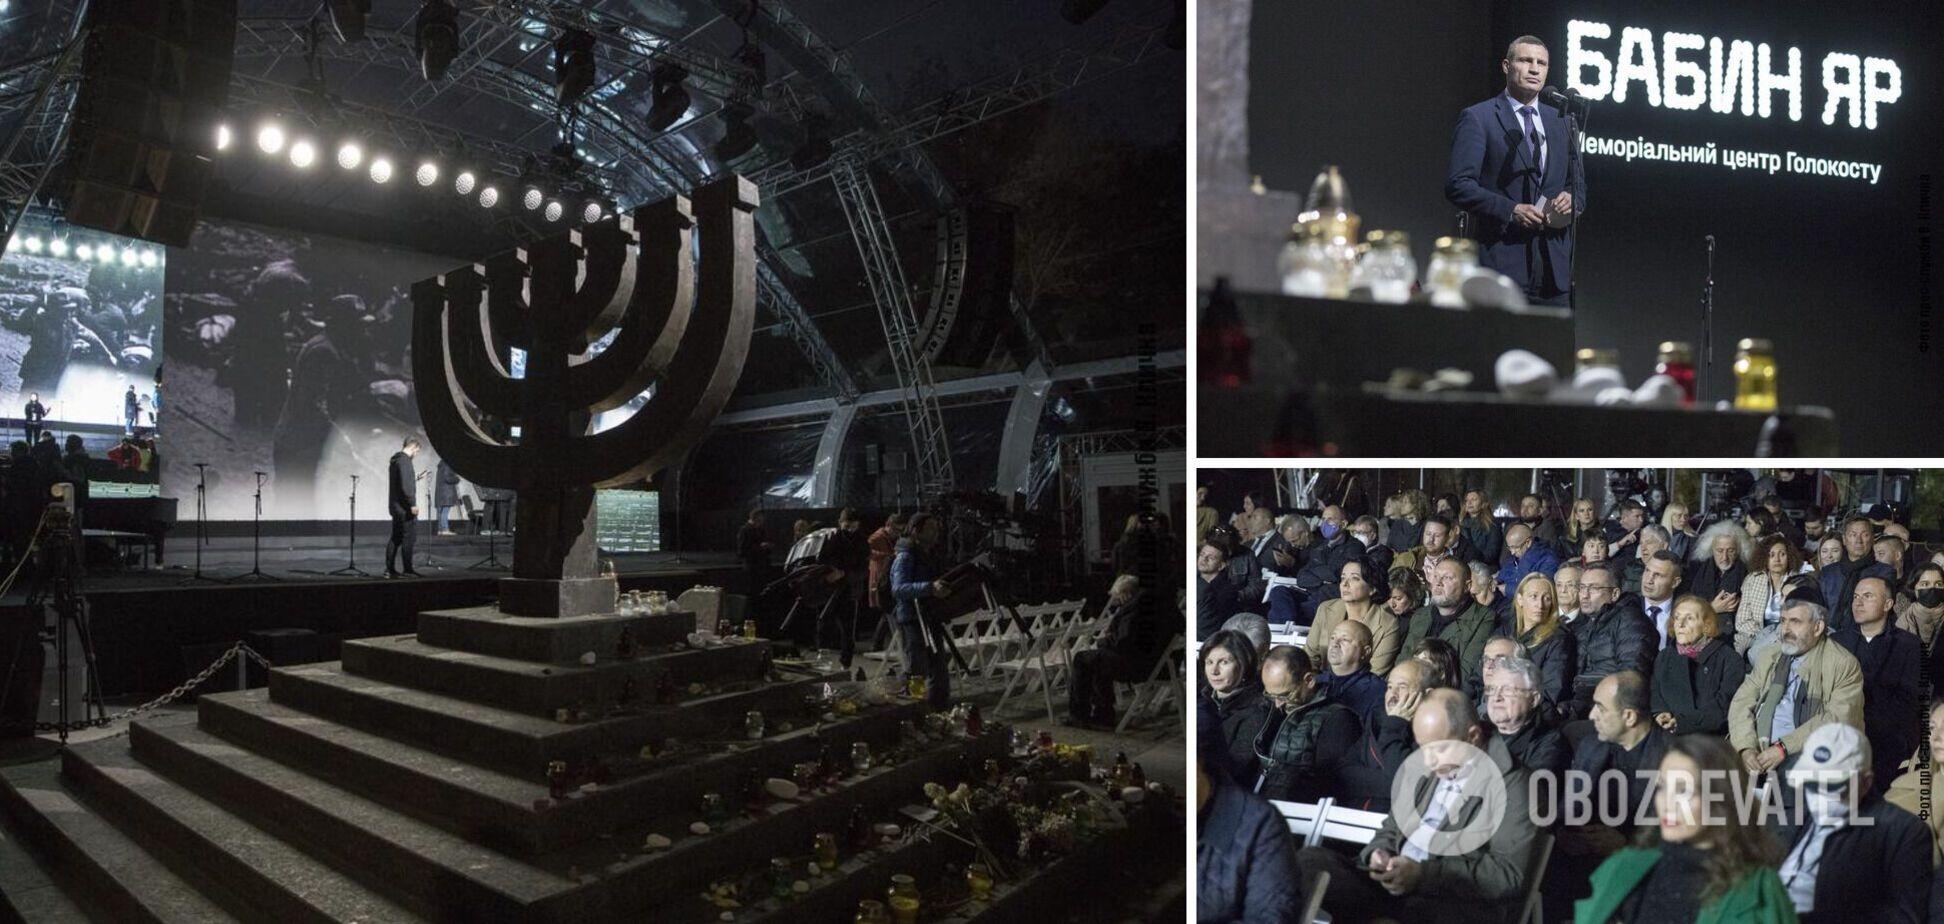 Кличко посетил премьеру документального фильма 'Бабий Яр. Контекст'